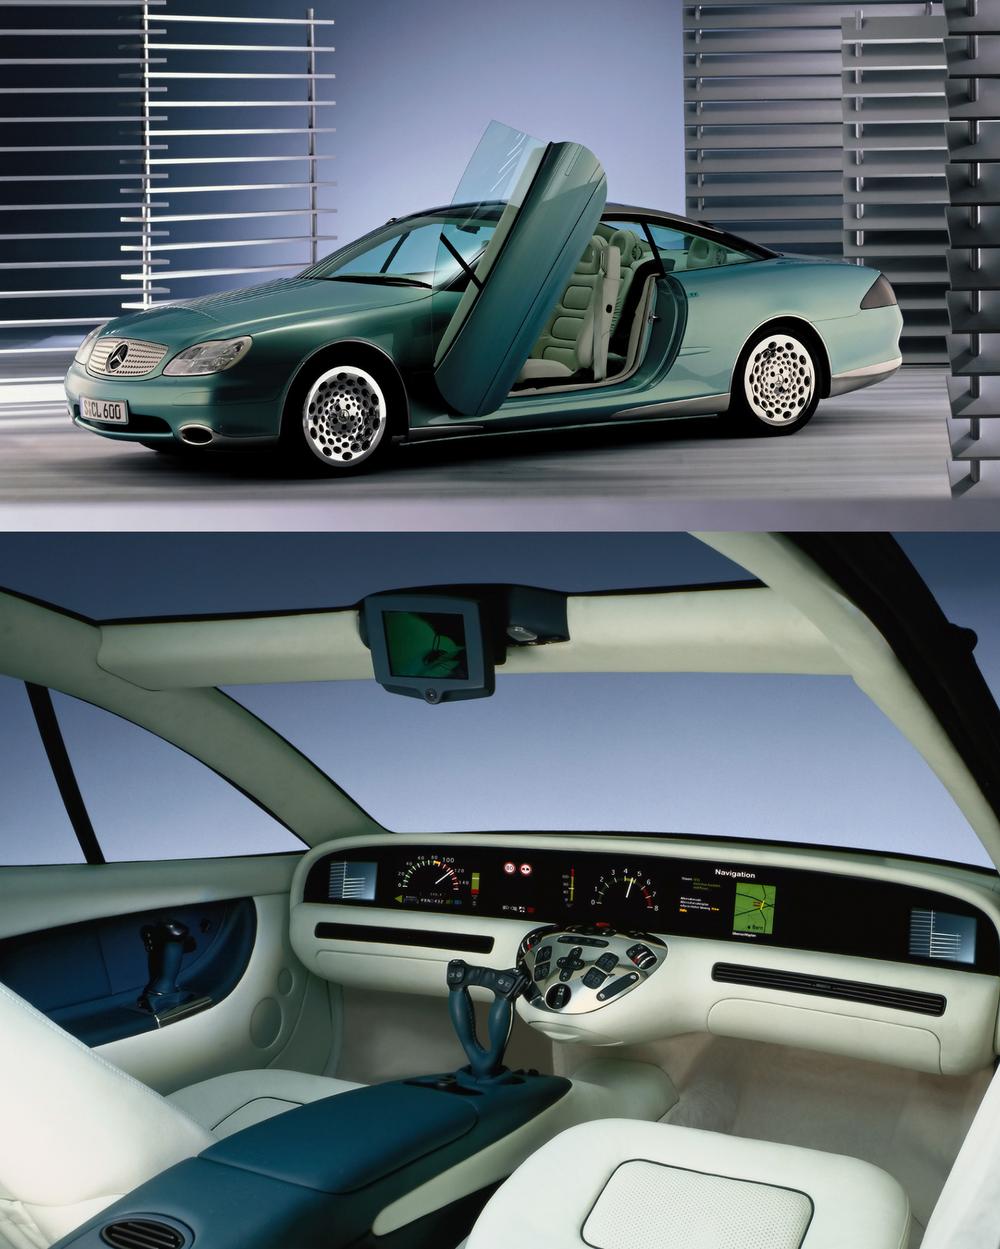 Mercedes Benz F200 Imagination